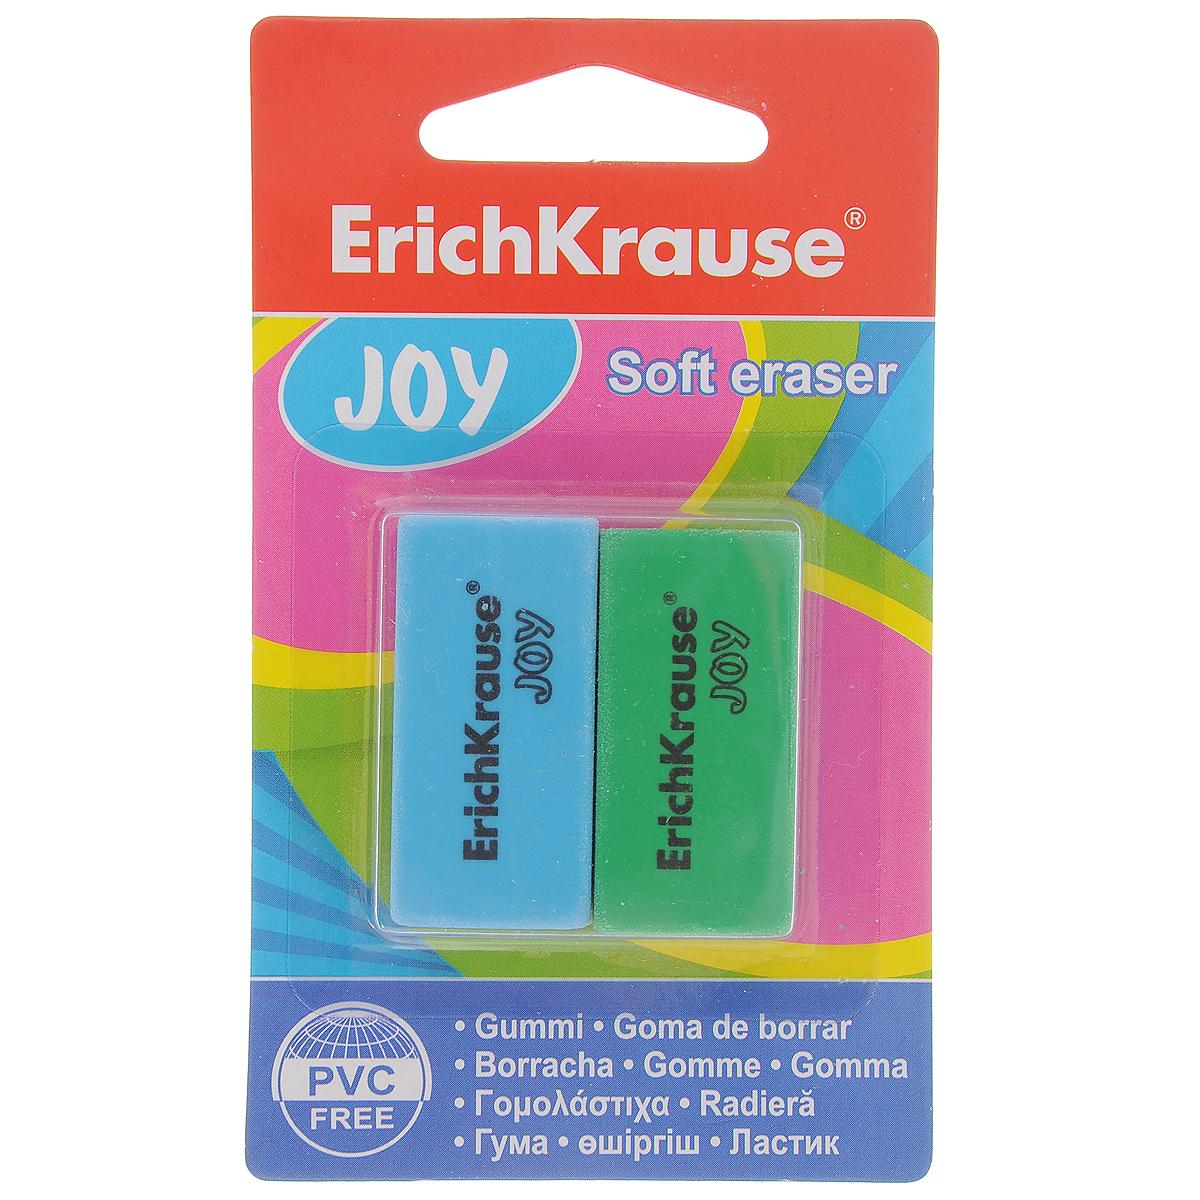 Набор ластиков Erich Krause Joy, 2 штFS-36052Набор ластиков Erich Krause Joyстанет незаменимым аксессуаром на рабочем столе не только школьника или студента, но и офисного работника. Он прекрасно удаляет линии, оставленные карандашами. При стирании стружка от ластика скатывается в единый комок, а не рассыпается по всей поверхности бумаги. В комплекте два ластика.